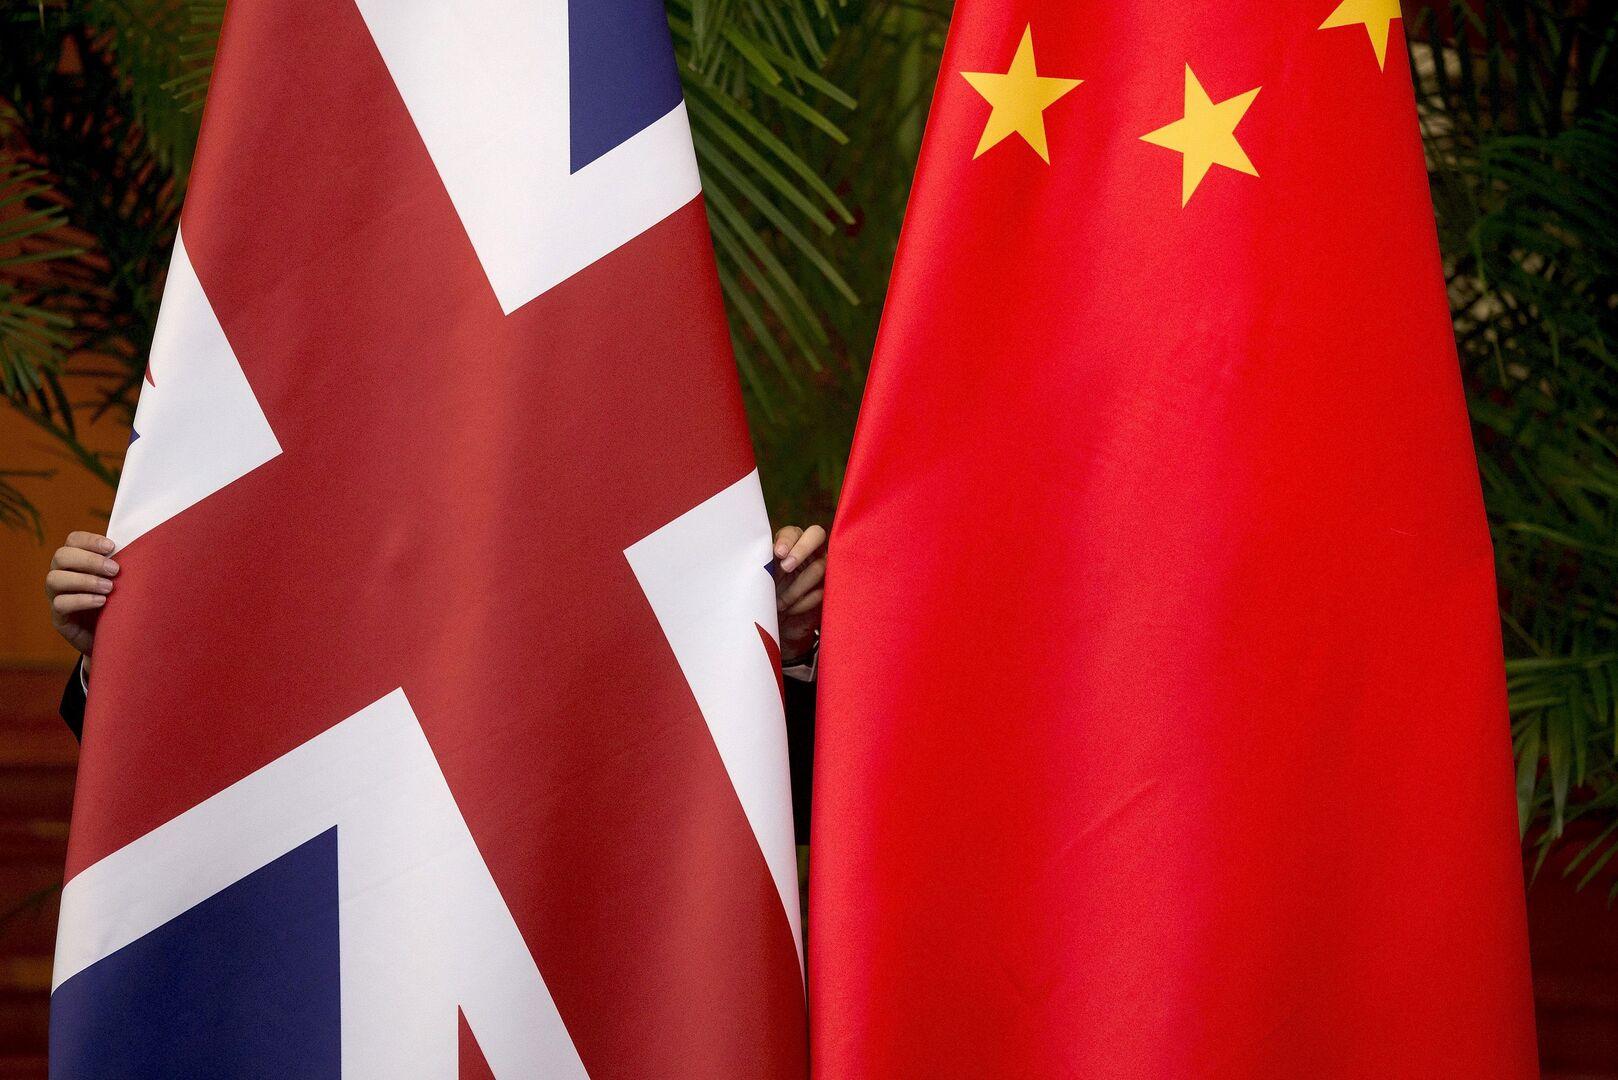 الصين تفرض عقوبات على بريطانيا بسبب